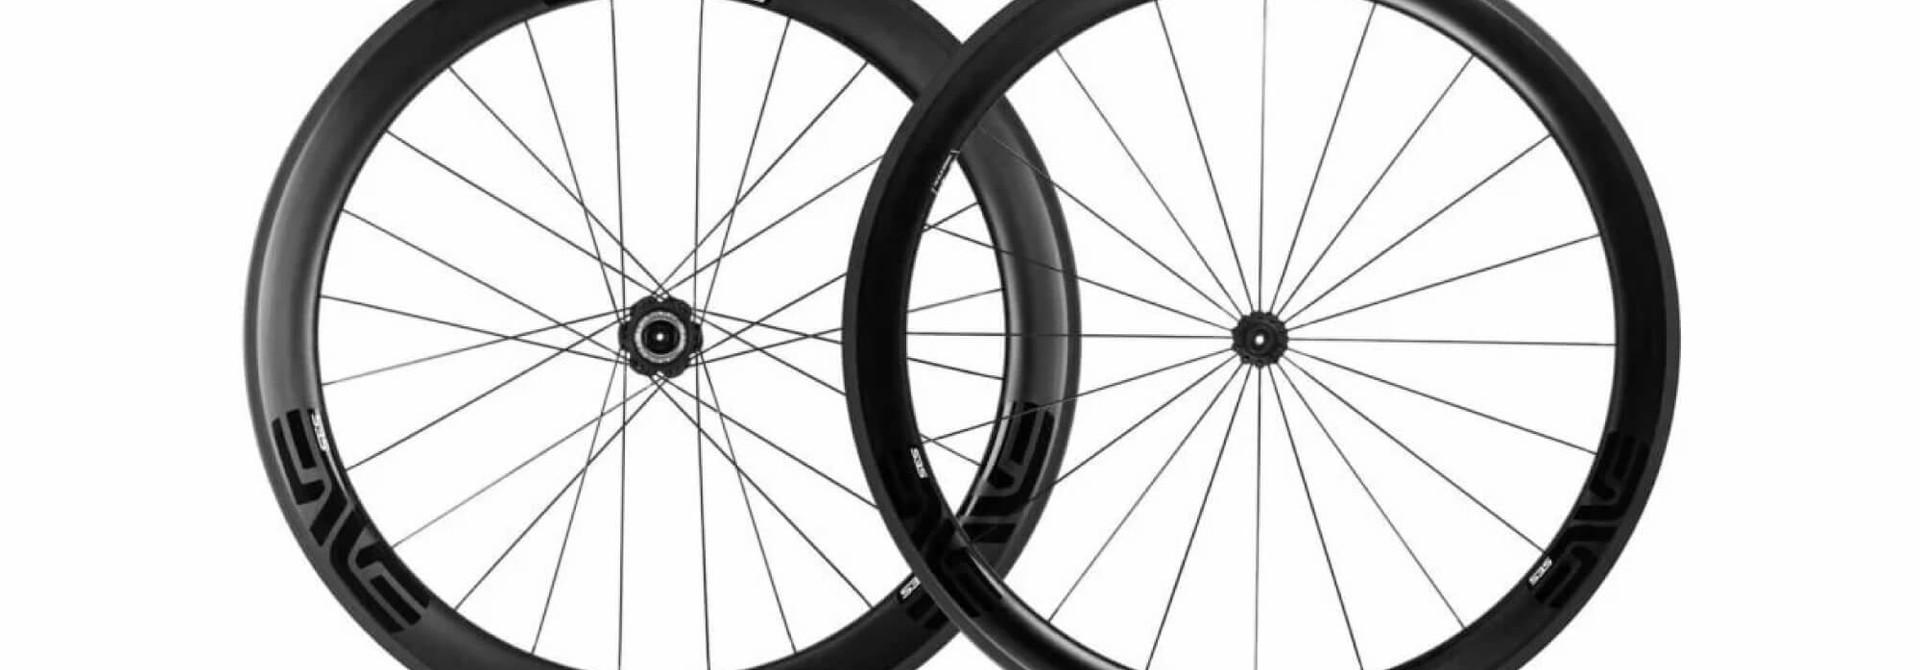 SES 4.5Ar C Disc Wheelset Al 12Mmta S11